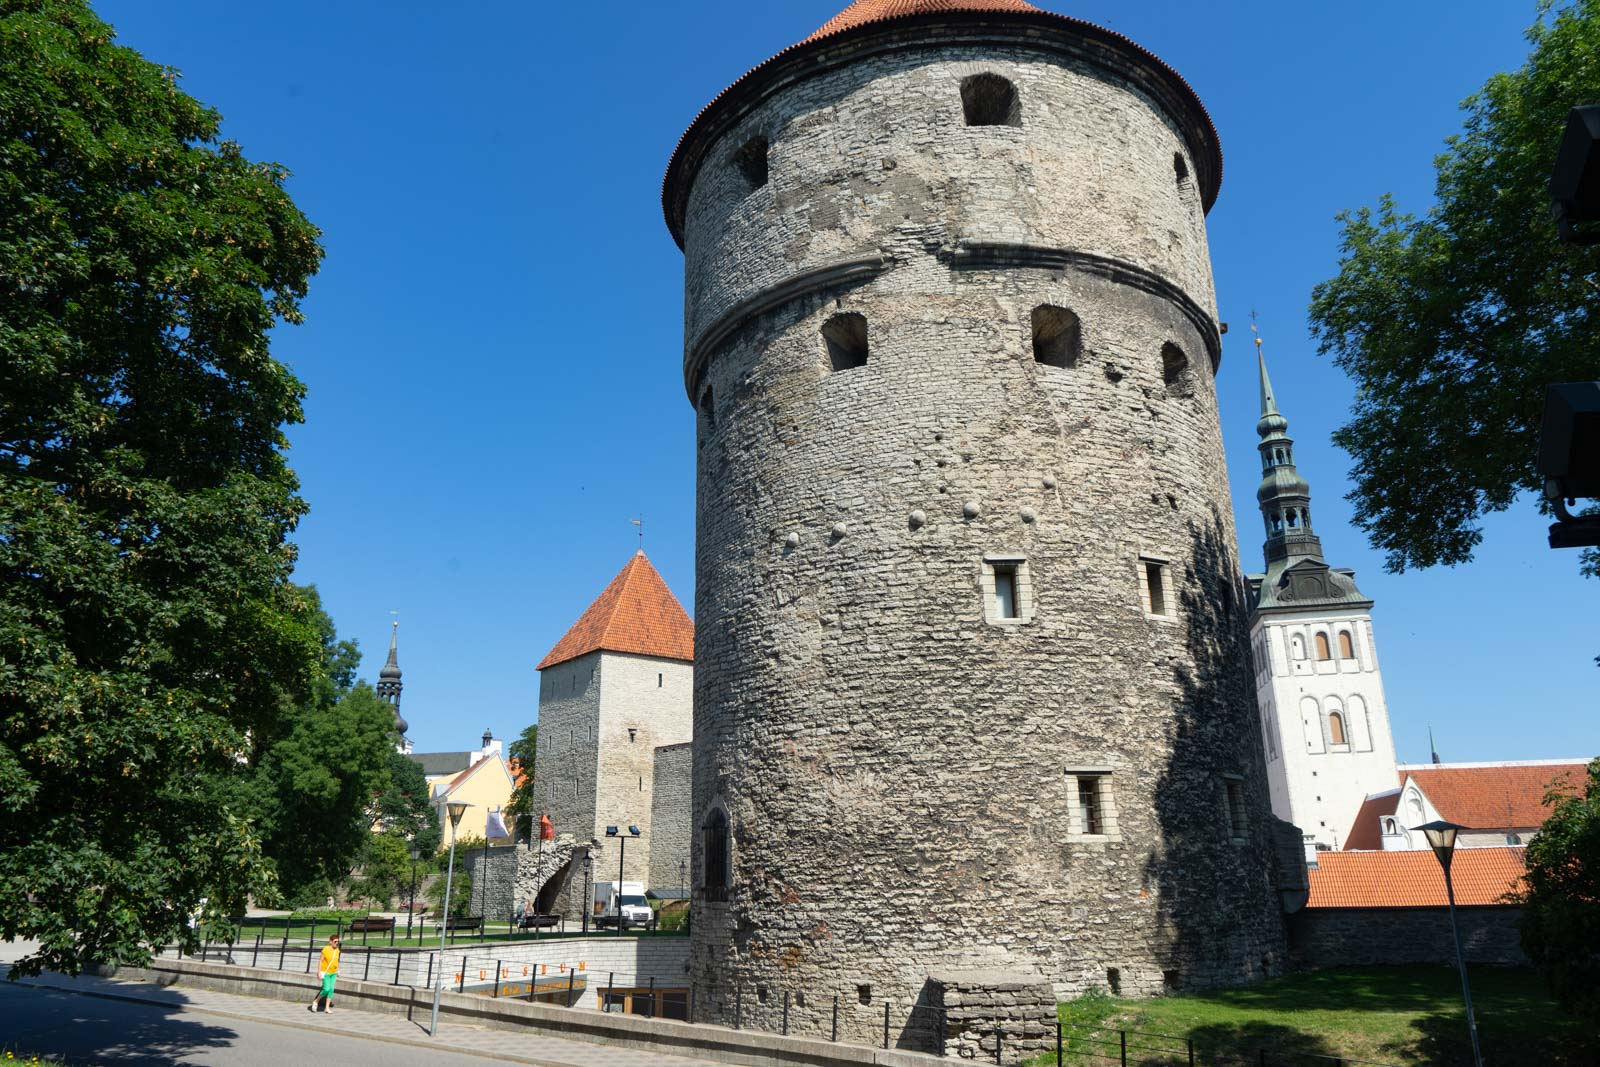 Kiek in de Kök Fortifications, Tallinn, Estonia